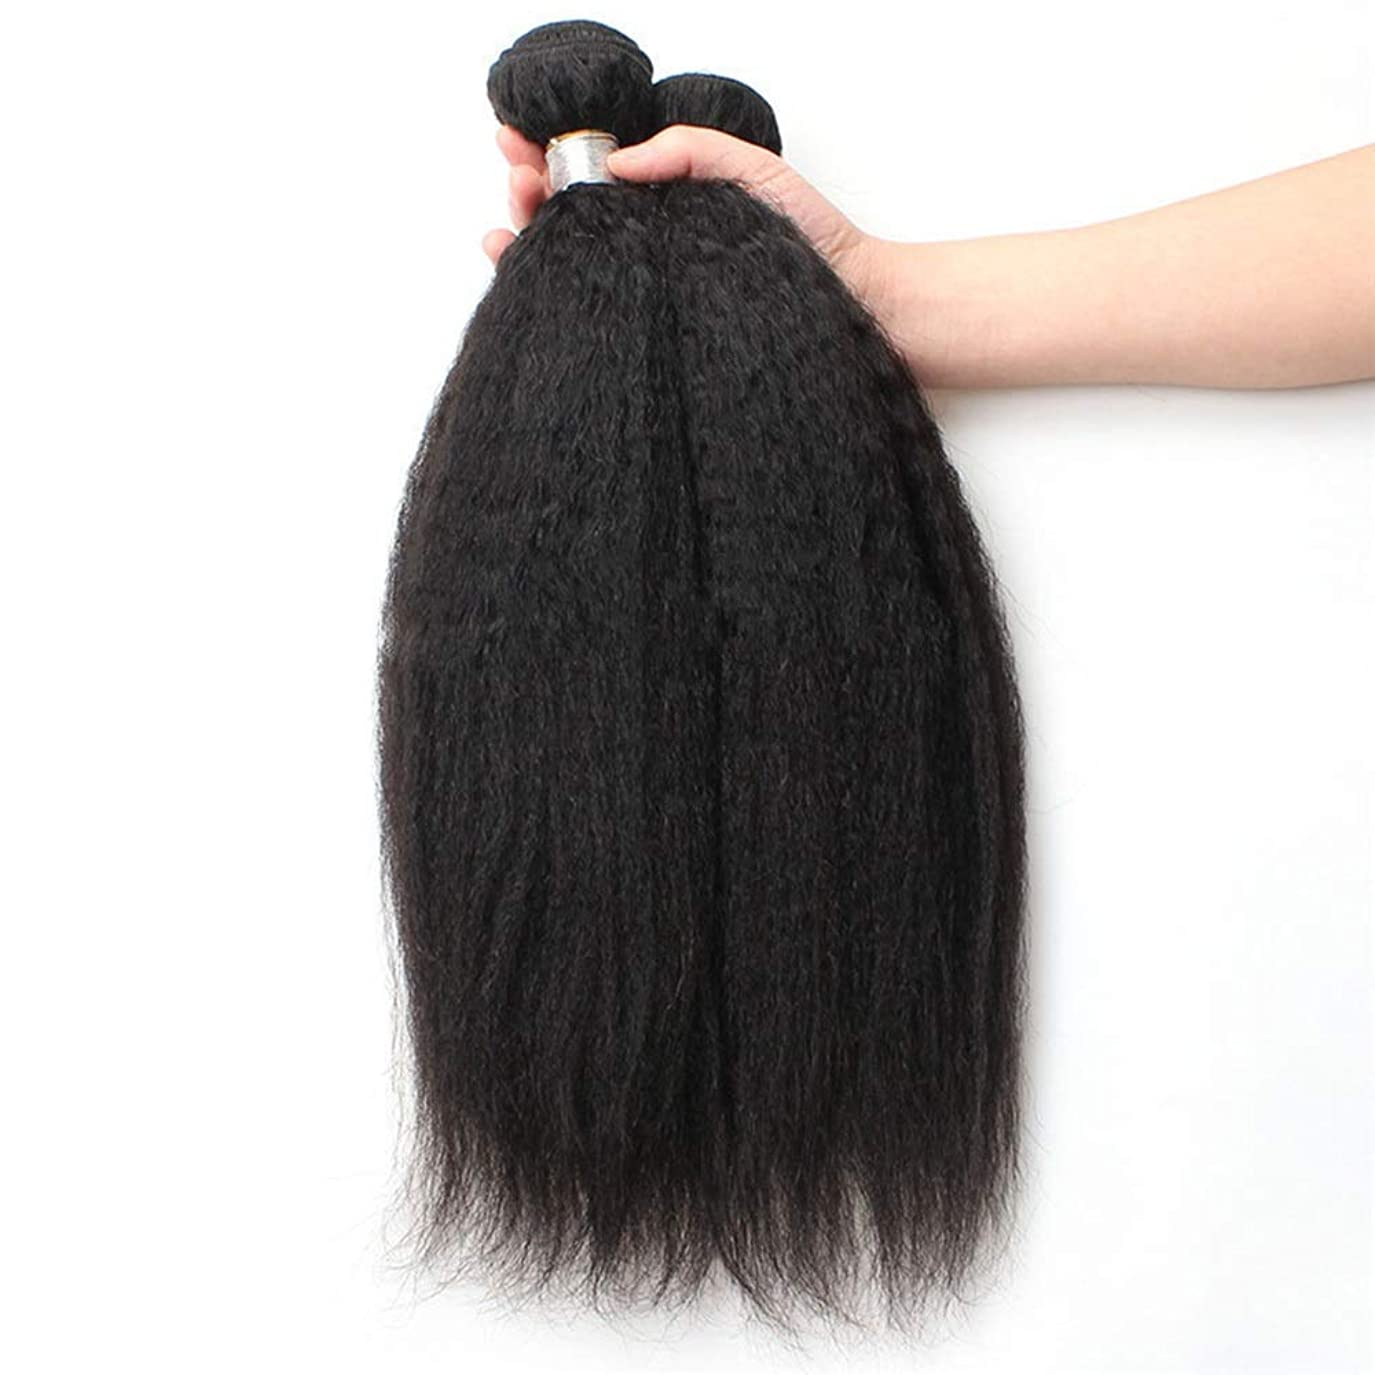 テクトニック番号乱暴なBOBIDYEE 9Aブラジル人変態ストレート人間の髪1バンドル焼きストレートヘア100%未処理の人間の毛髪延長ナチュラルブラックカラー複合毛レースのかつらロールプレイングかつらストレートシリンダーショートスタイル女性自然 (色 : 黒, サイズ : 14 inch)